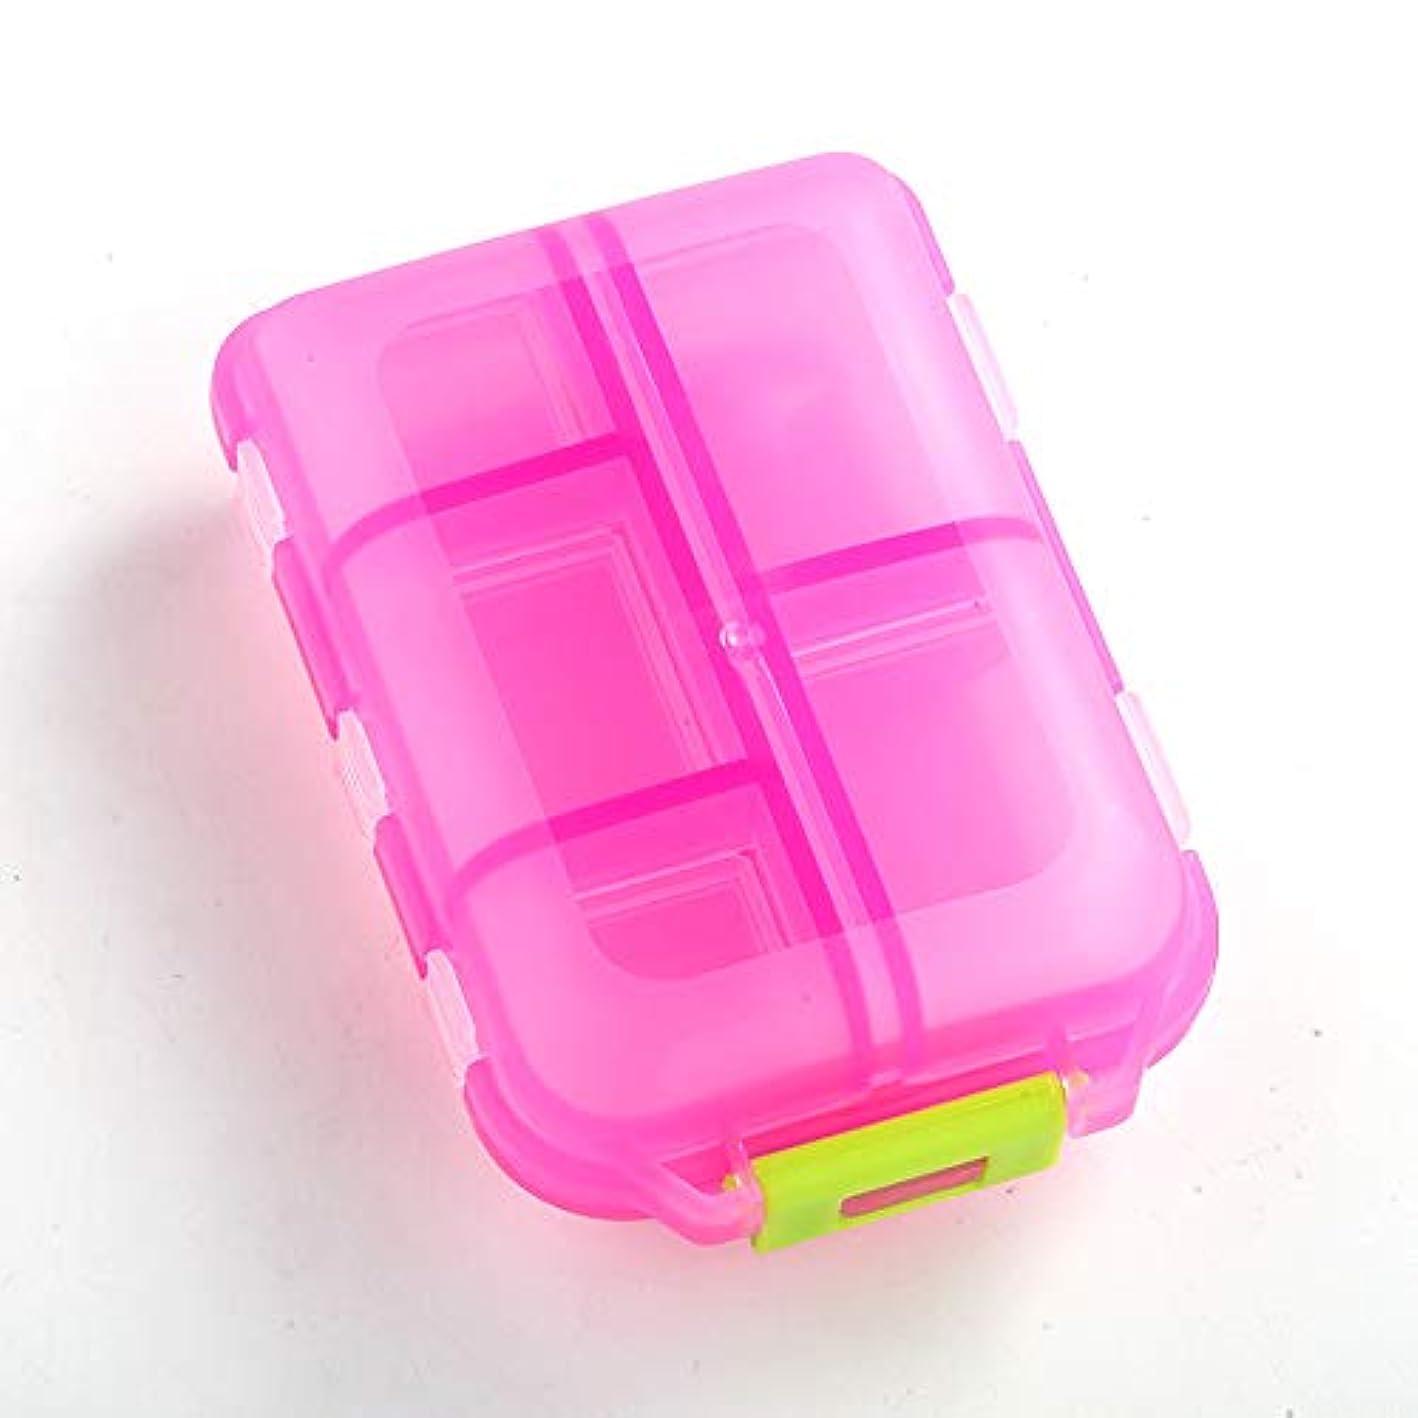 小さなピルボックスポータブルセパレーションキット調剤薬ピルウィークリーチャージボックスボックスダブル10